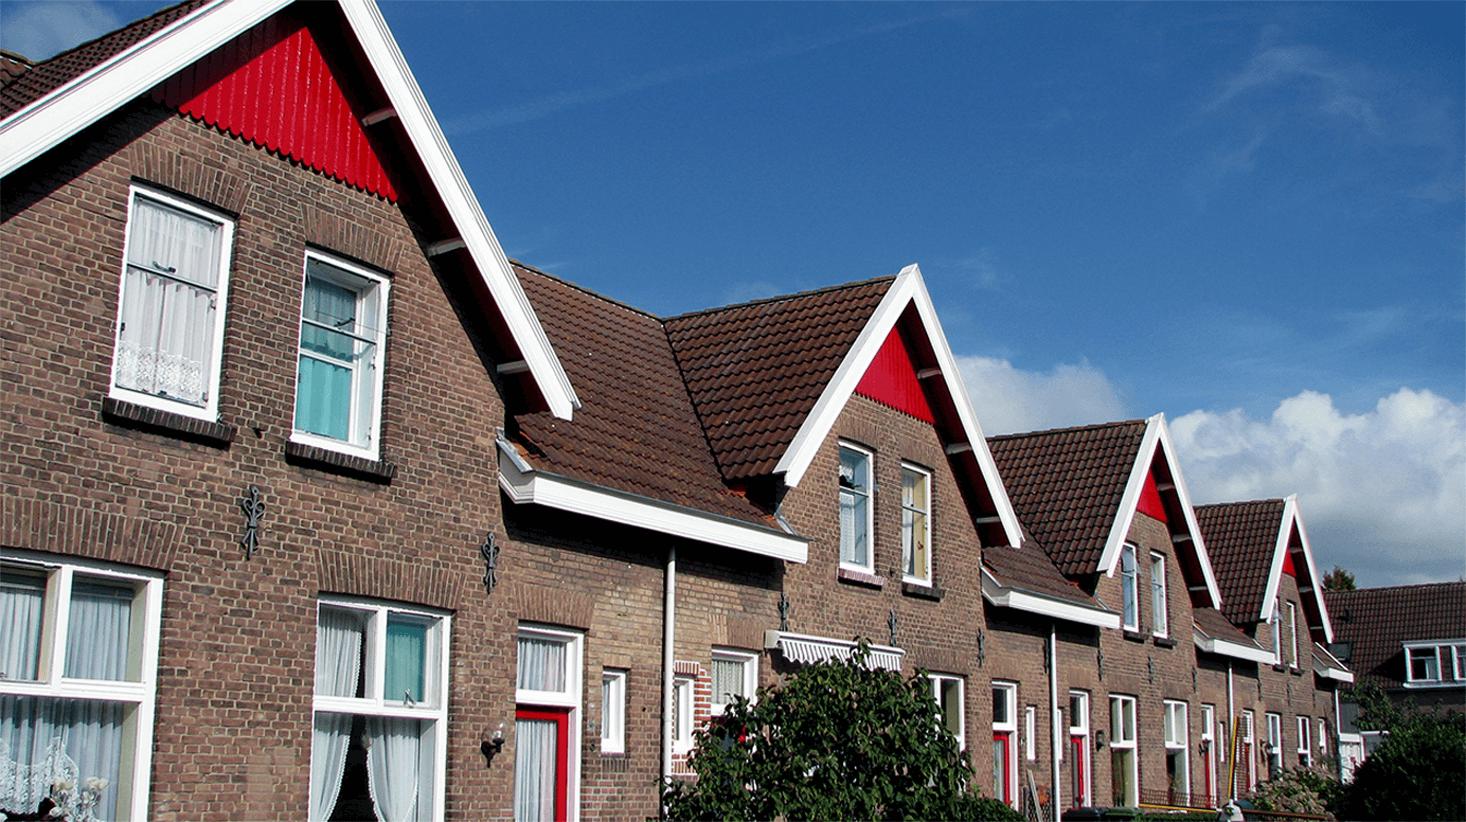 Snel uw huis verkopen in rotterdam voesenek vastgoed for Direct wonen rotterdam